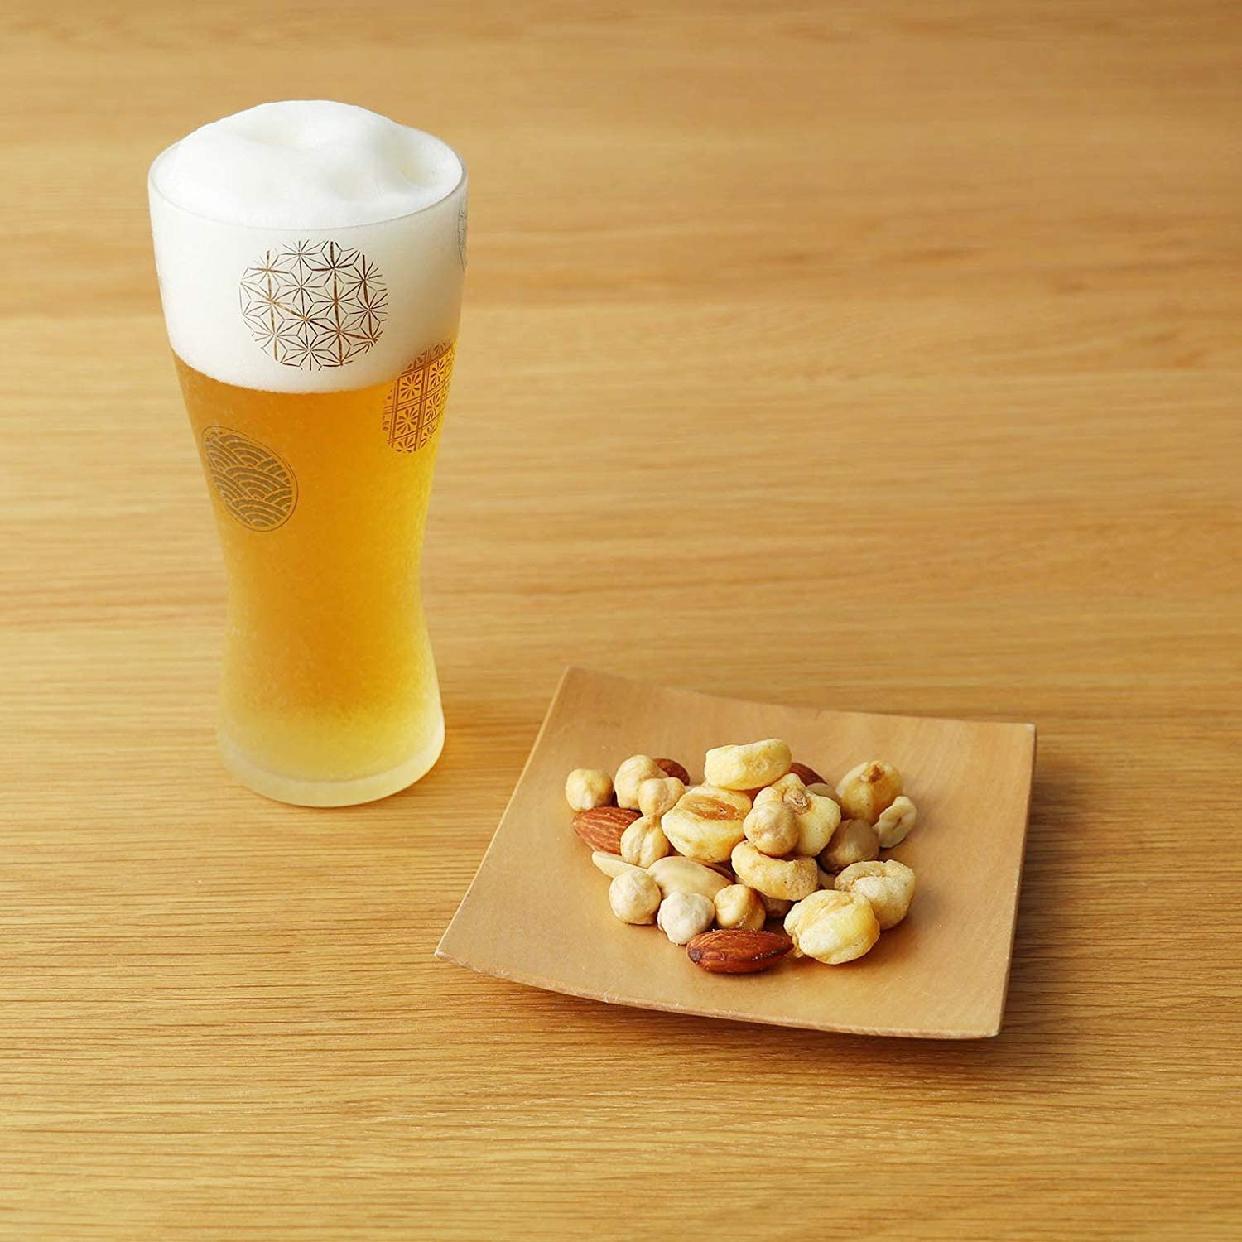 ADERIA(アデリア) ビールグラスの商品画像4